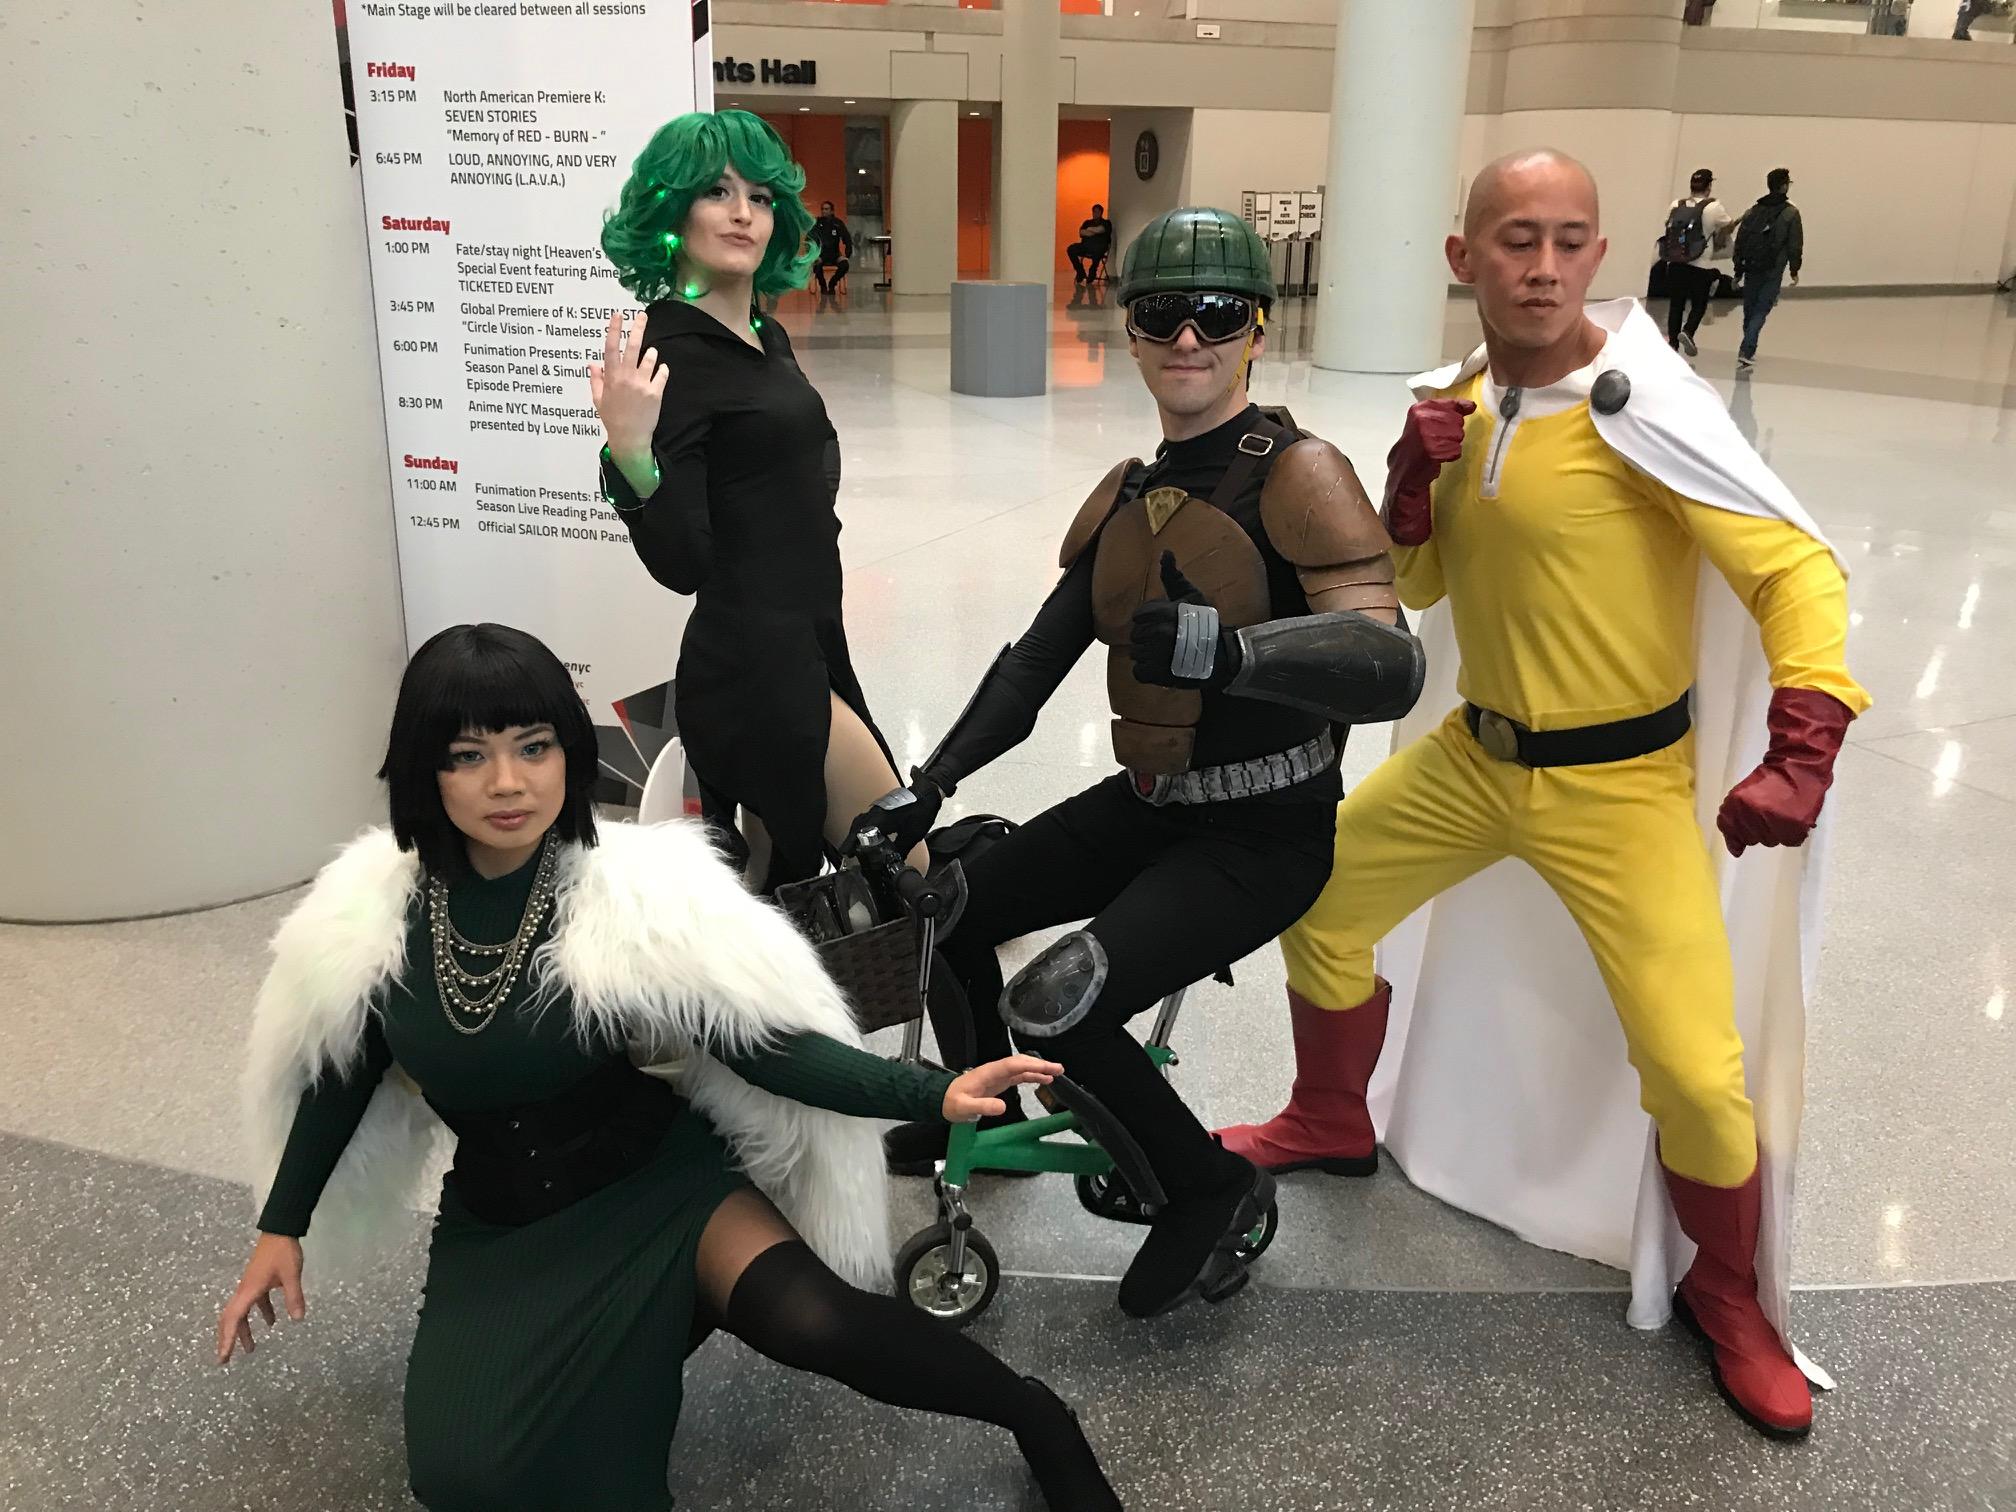 One-Punch Man - IG: @ivi_cosplay,   @roro0cosplay, @saitama, @mumen, @tatsumaki